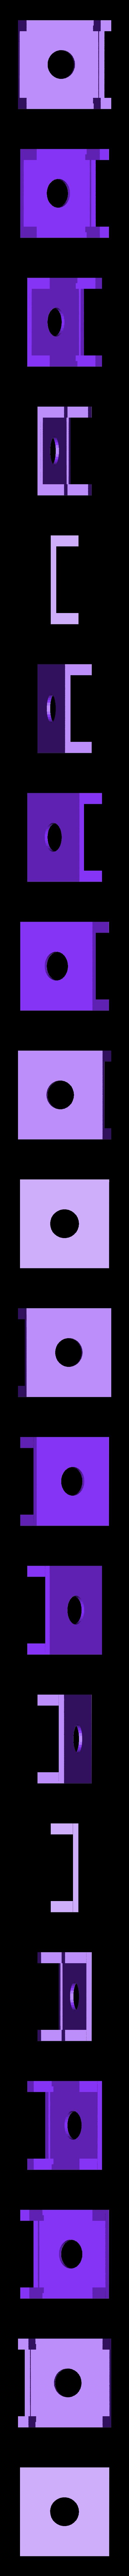 Film_Scanner_Base.stl Télécharger fichier STL gratuit 110 Scanner de film avec appareil photo Nikon • Modèle à imprimer en 3D, Balkhnarb